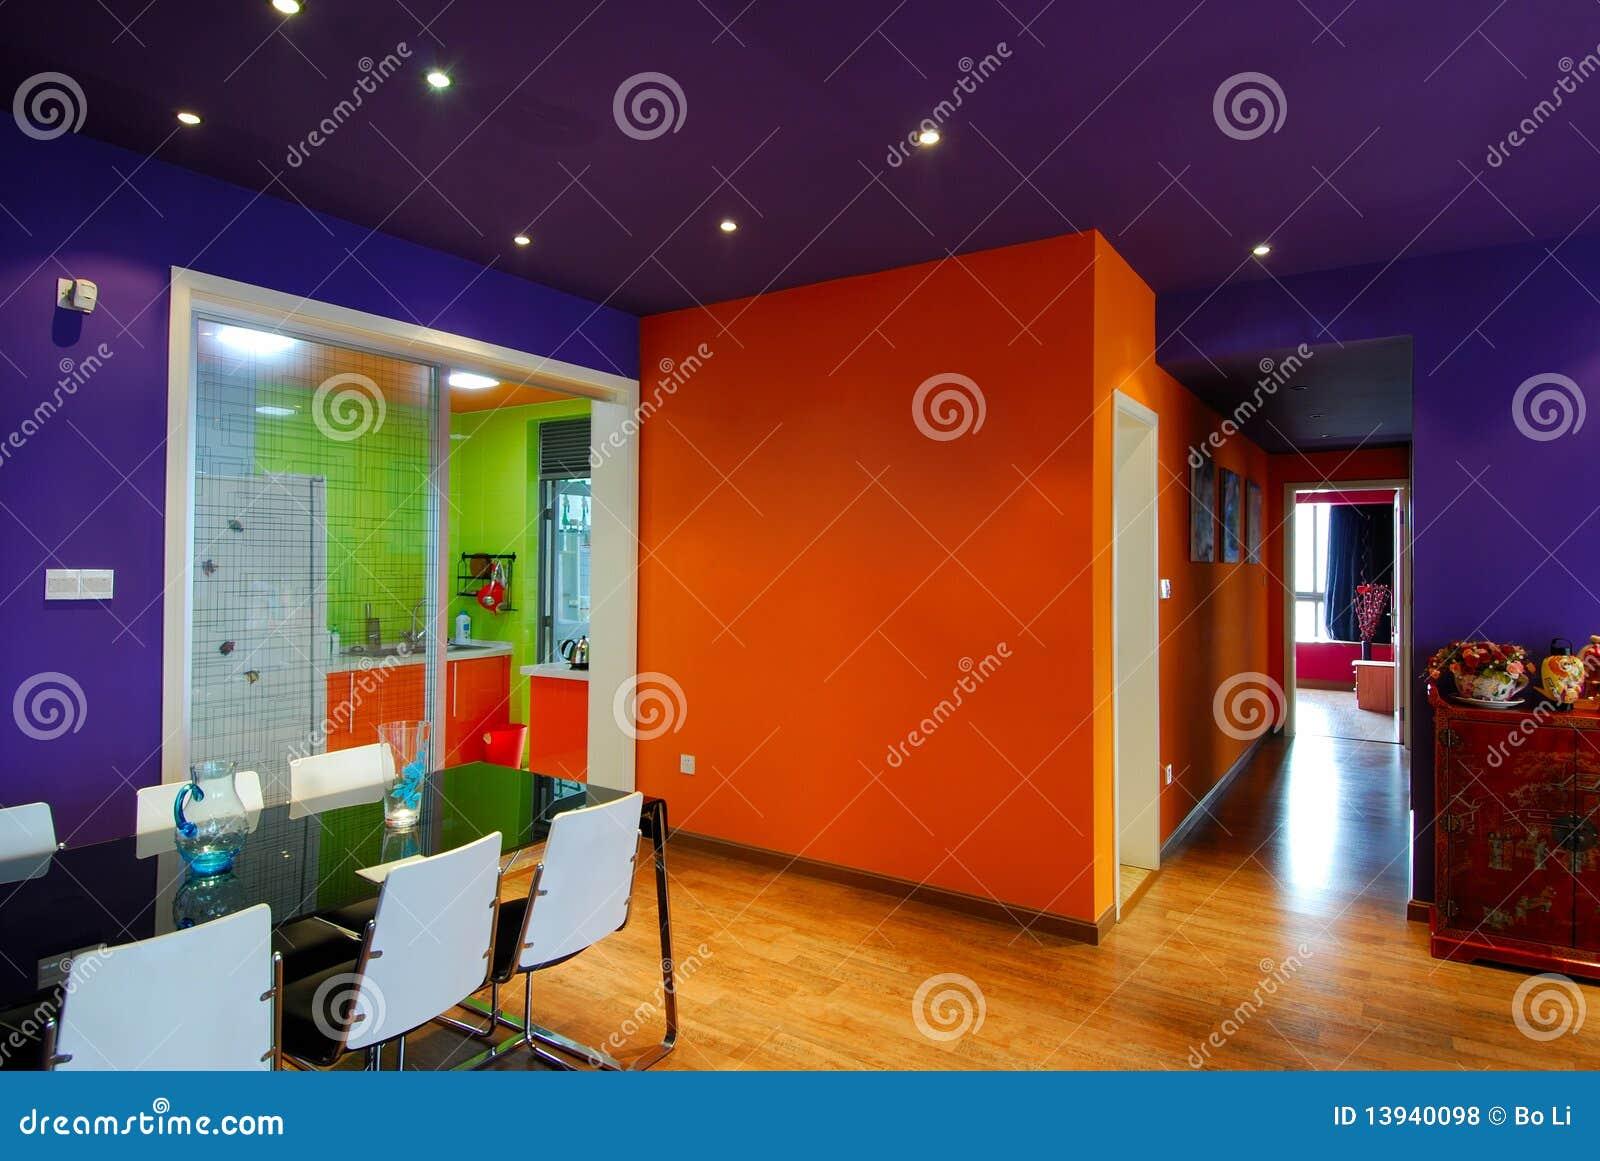 mur orange photos libres de droits image 13940098. Black Bedroom Furniture Sets. Home Design Ideas